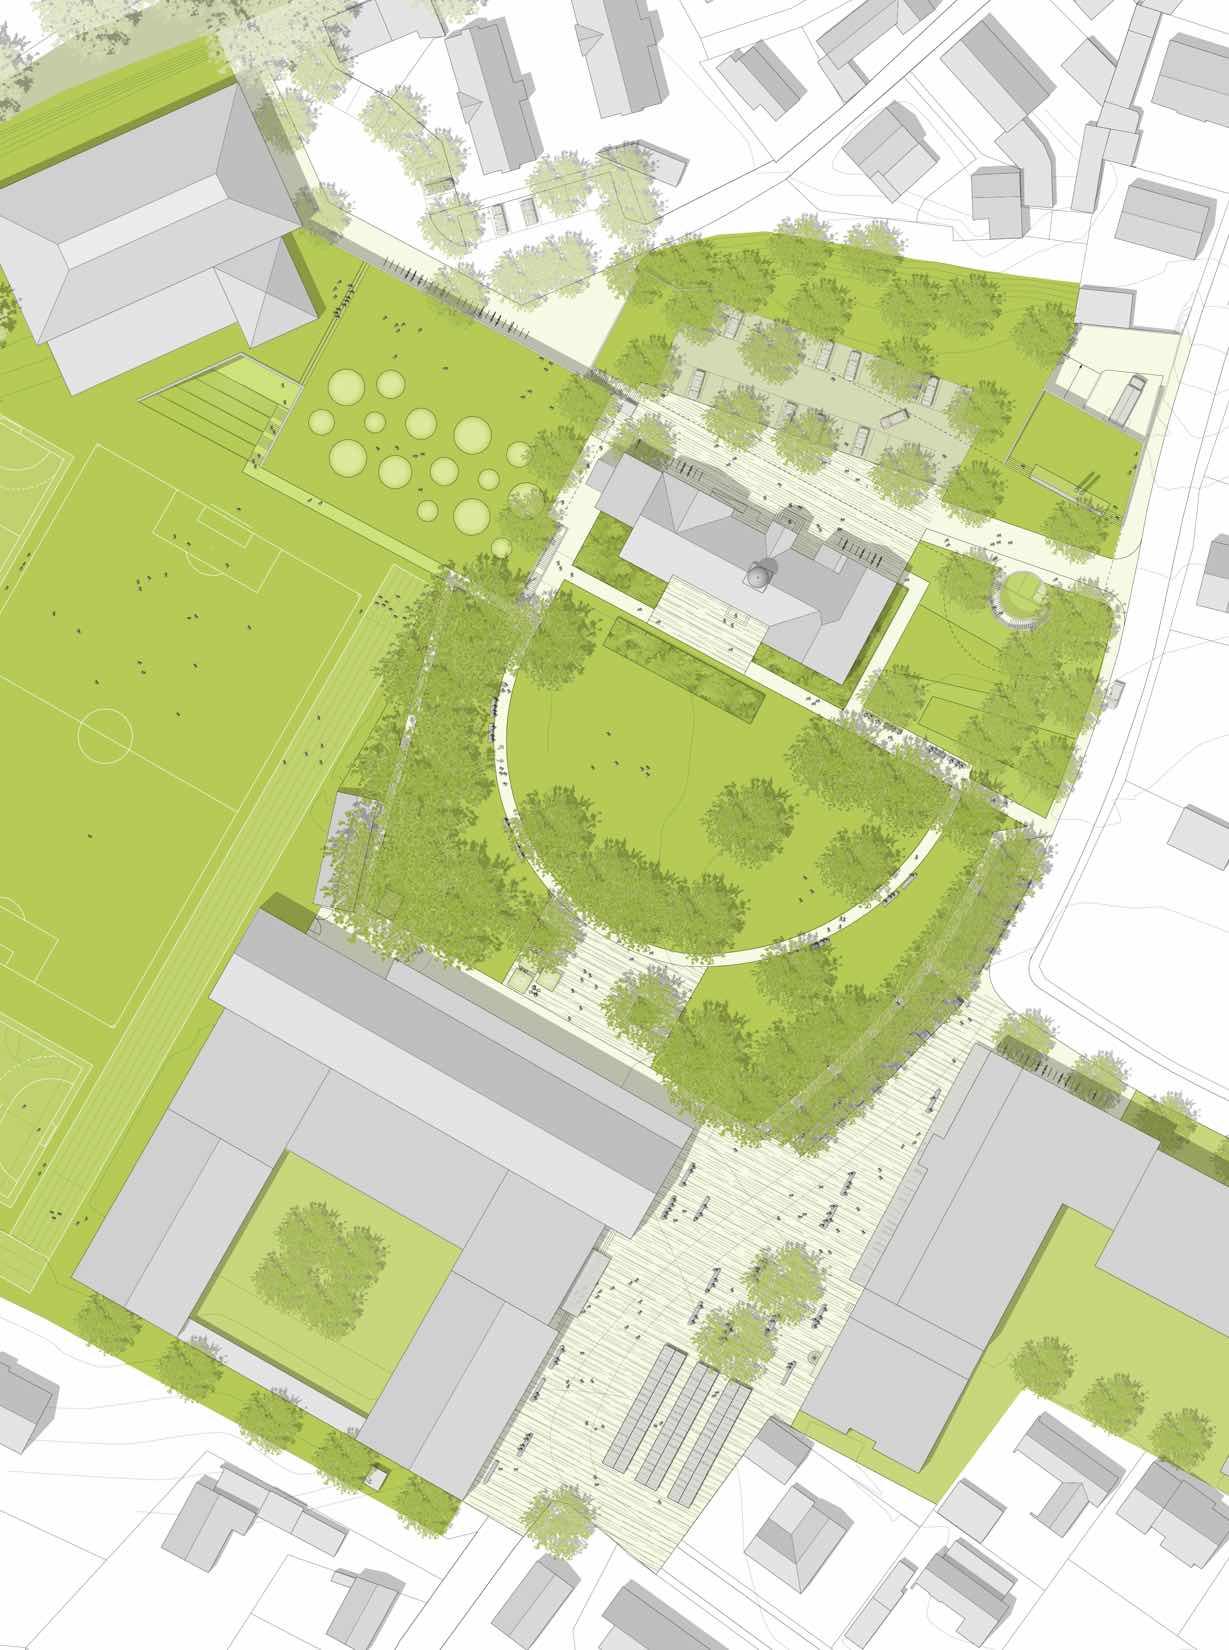 Lageplan-Wettbewerb-Sporthalle-Pardeck-Tiefgarage und Heizzentrale Miesbach-Engere-Wahl-2010-© Friedrich-Poerschke-Zwink-Architekten